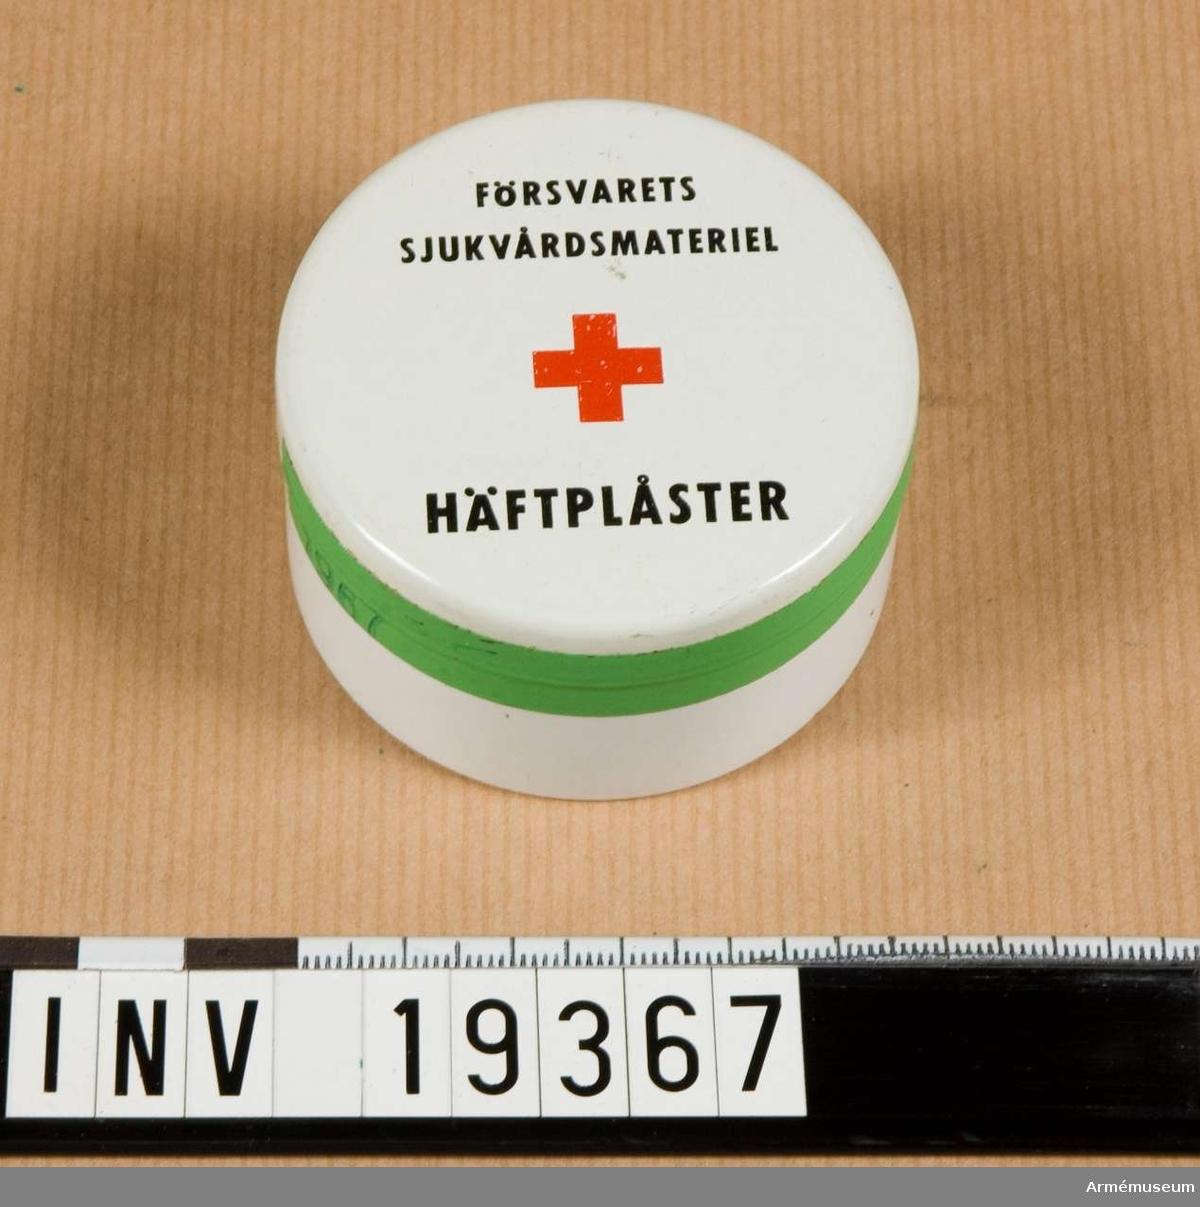 Häftplåster 5 m x 2,5 cm. Rulle i en plåtask. Märkt: Försvarets Sjukvårdsmateriel rödakorsmärke Häftplåster 1967.